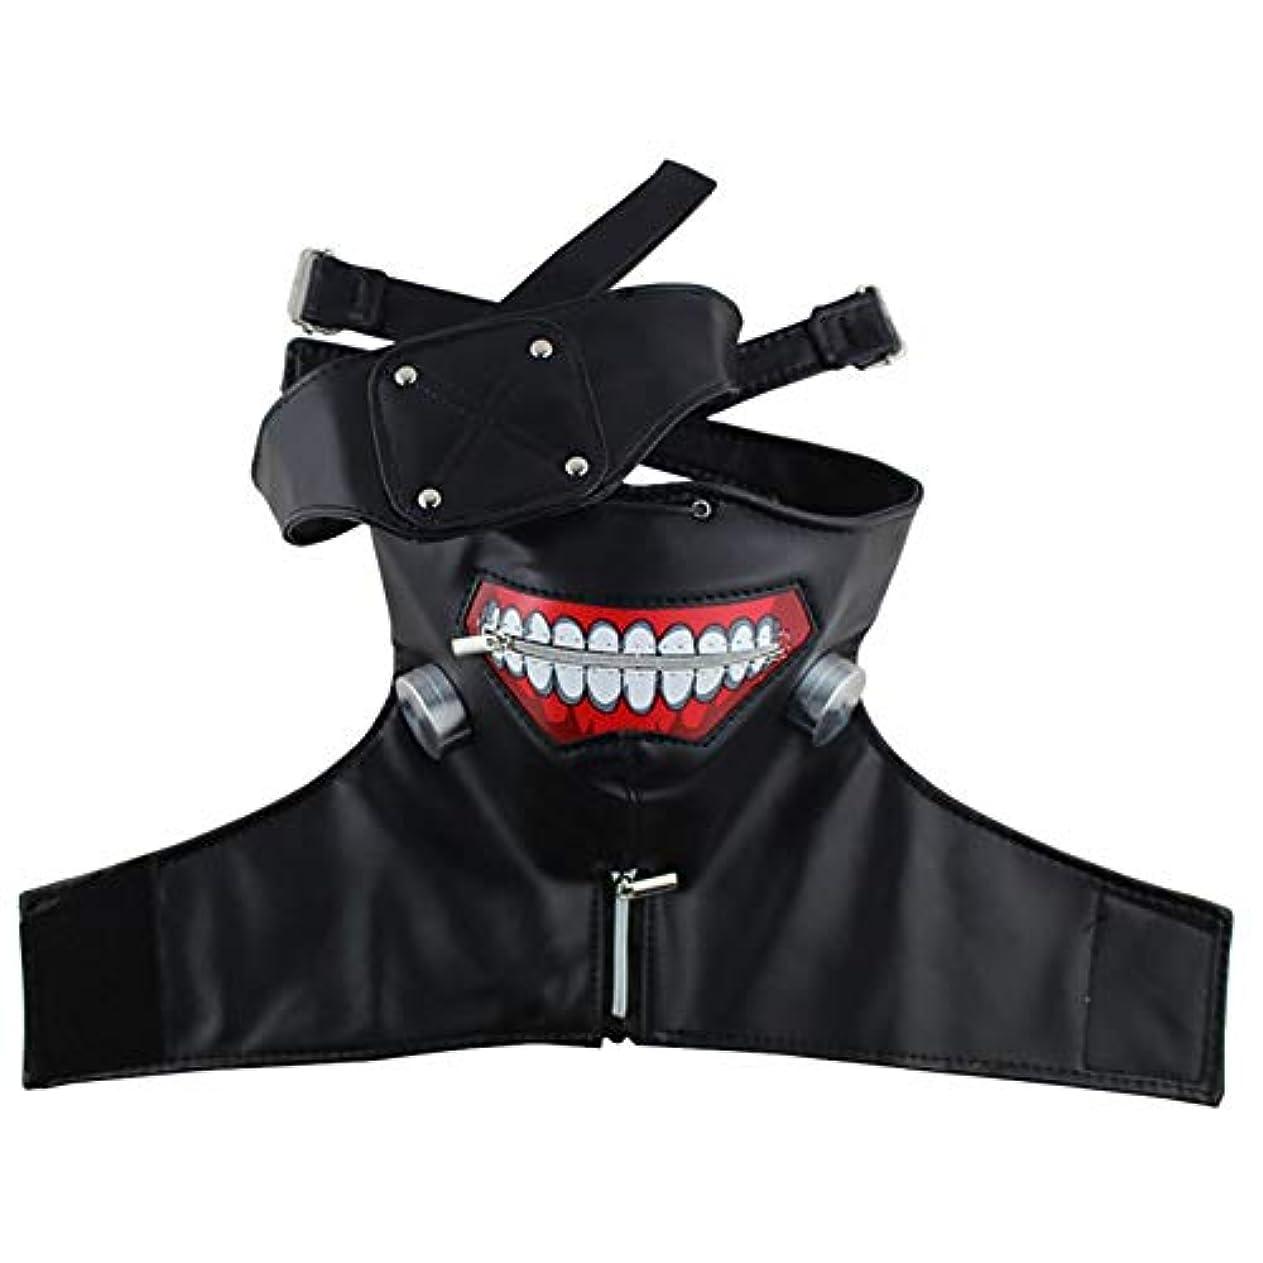 スケートメアリアンジョーンズ入り口Esolom 東京マスク 3D PUレザーマスク 調整可能なジッパー衣装小道具 アニメ ゴールデンウッドマスク ハロウィンロールプレイング